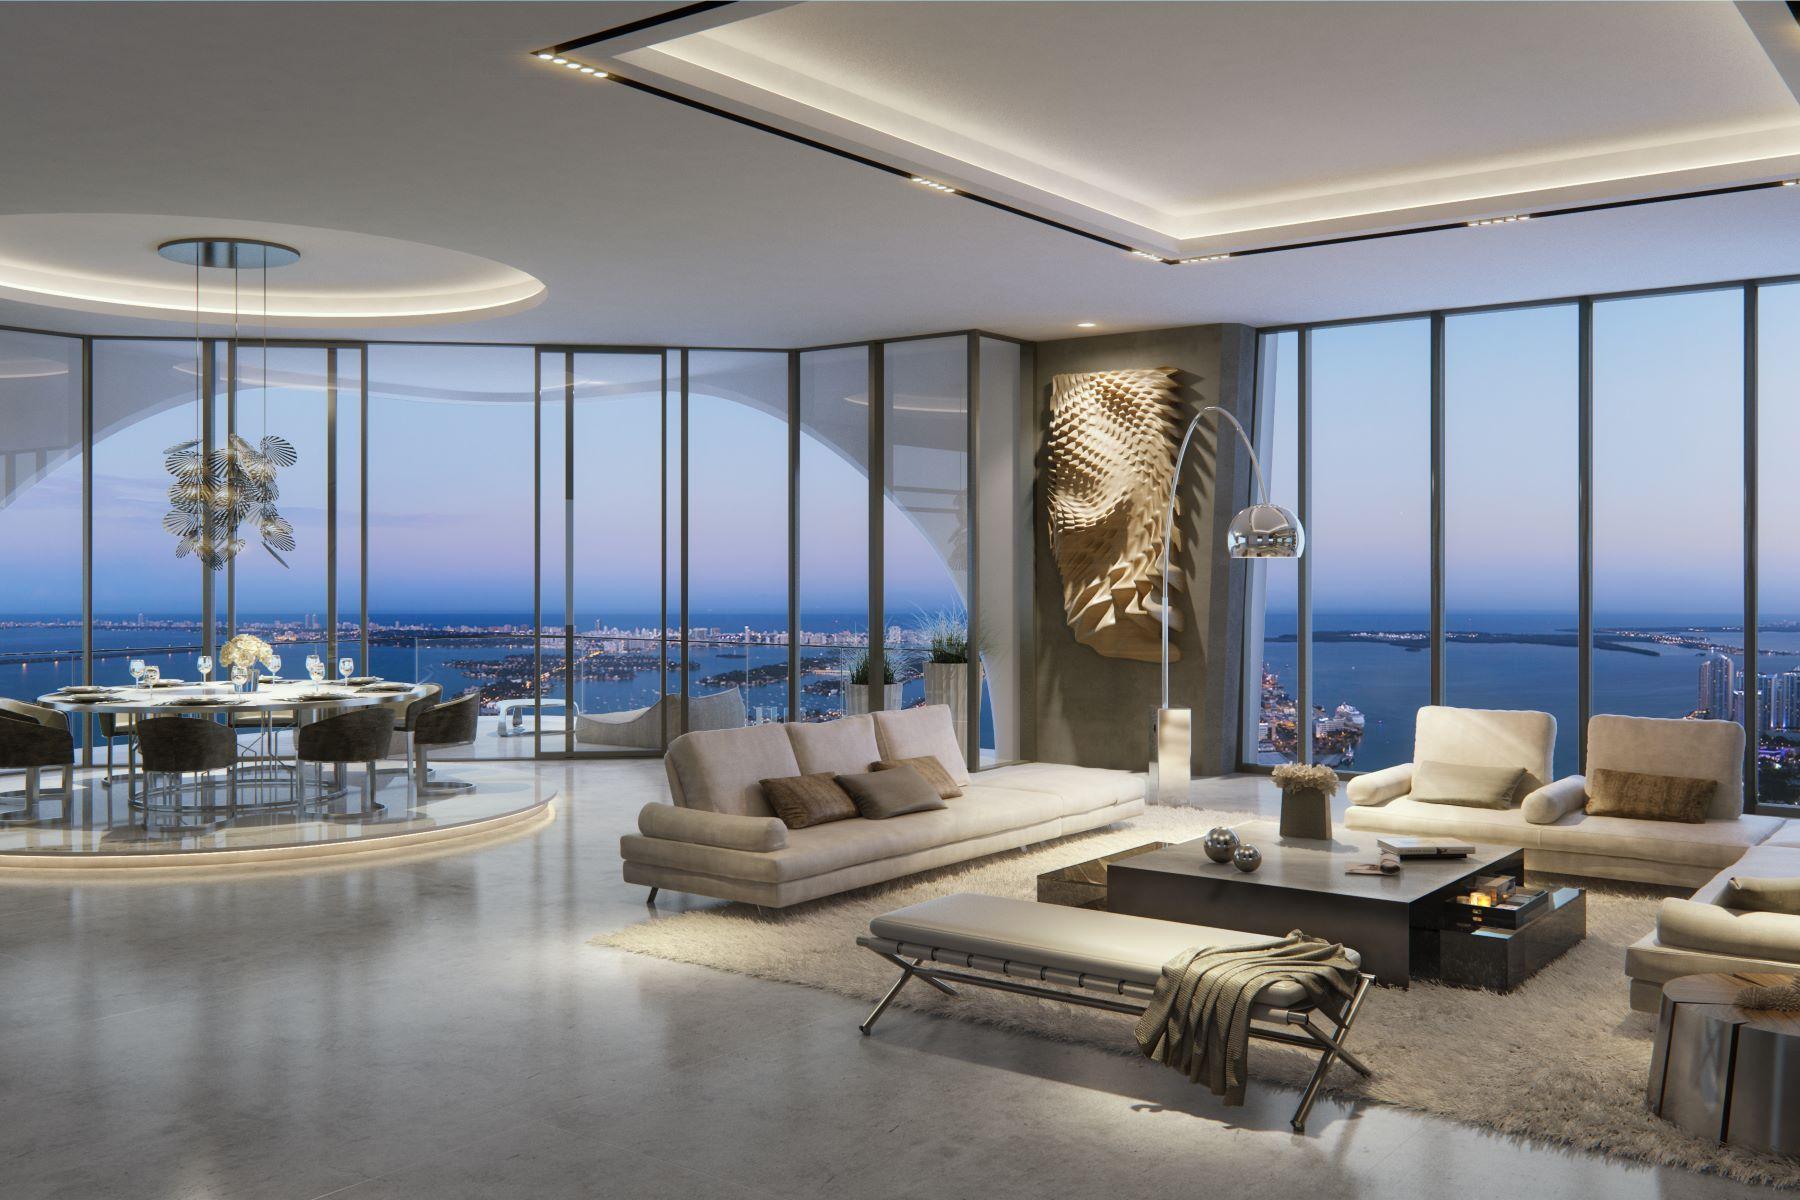 Πολυκατοικία ατομικής ιδιοκτησίας για την Πώληση στο One Thousand Museum 1000 Biscayne Blvd 1202 Miami, Φλοριντα 33132 Ηνωμενεσ Πολιτειεσ